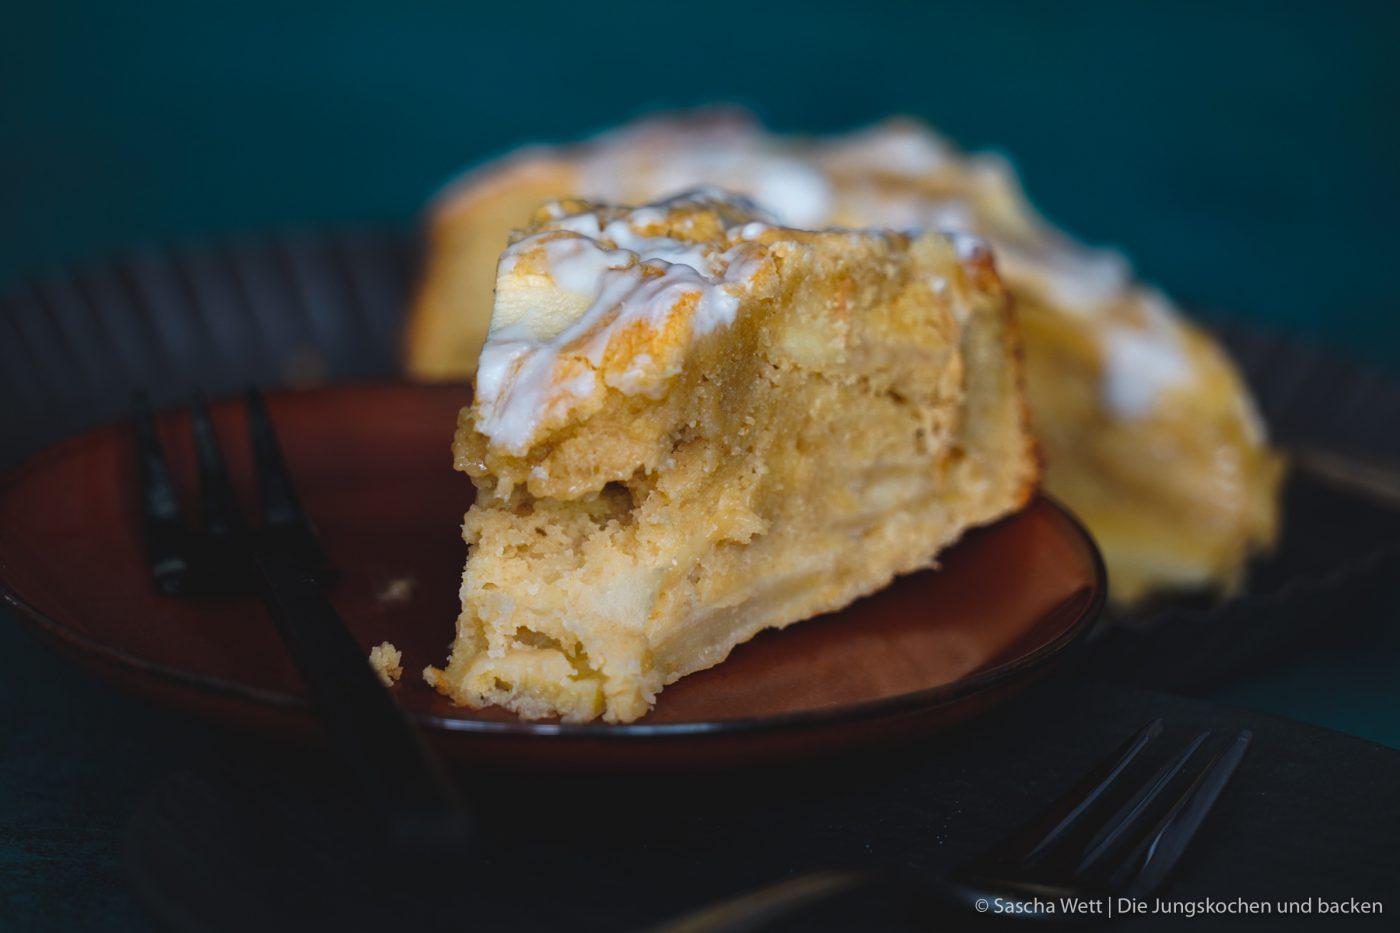 Calvados Apfelkuchen 9 | Wir haben uns gedacht, dass wir euch heute einmal wieder einen neuen Kuchen zeigen müssen. Für dieses Prachtstück haben wir sogar eine kleine Odyssee hinter uns, Aber jetzt kennen wir auch die kleinen versteckten Ecken Frankreichs. Für einen leckeren Apfelkuchen mit Calvados nimmt man sowas aber doch gerne auf sich. Oder was meint ihr?